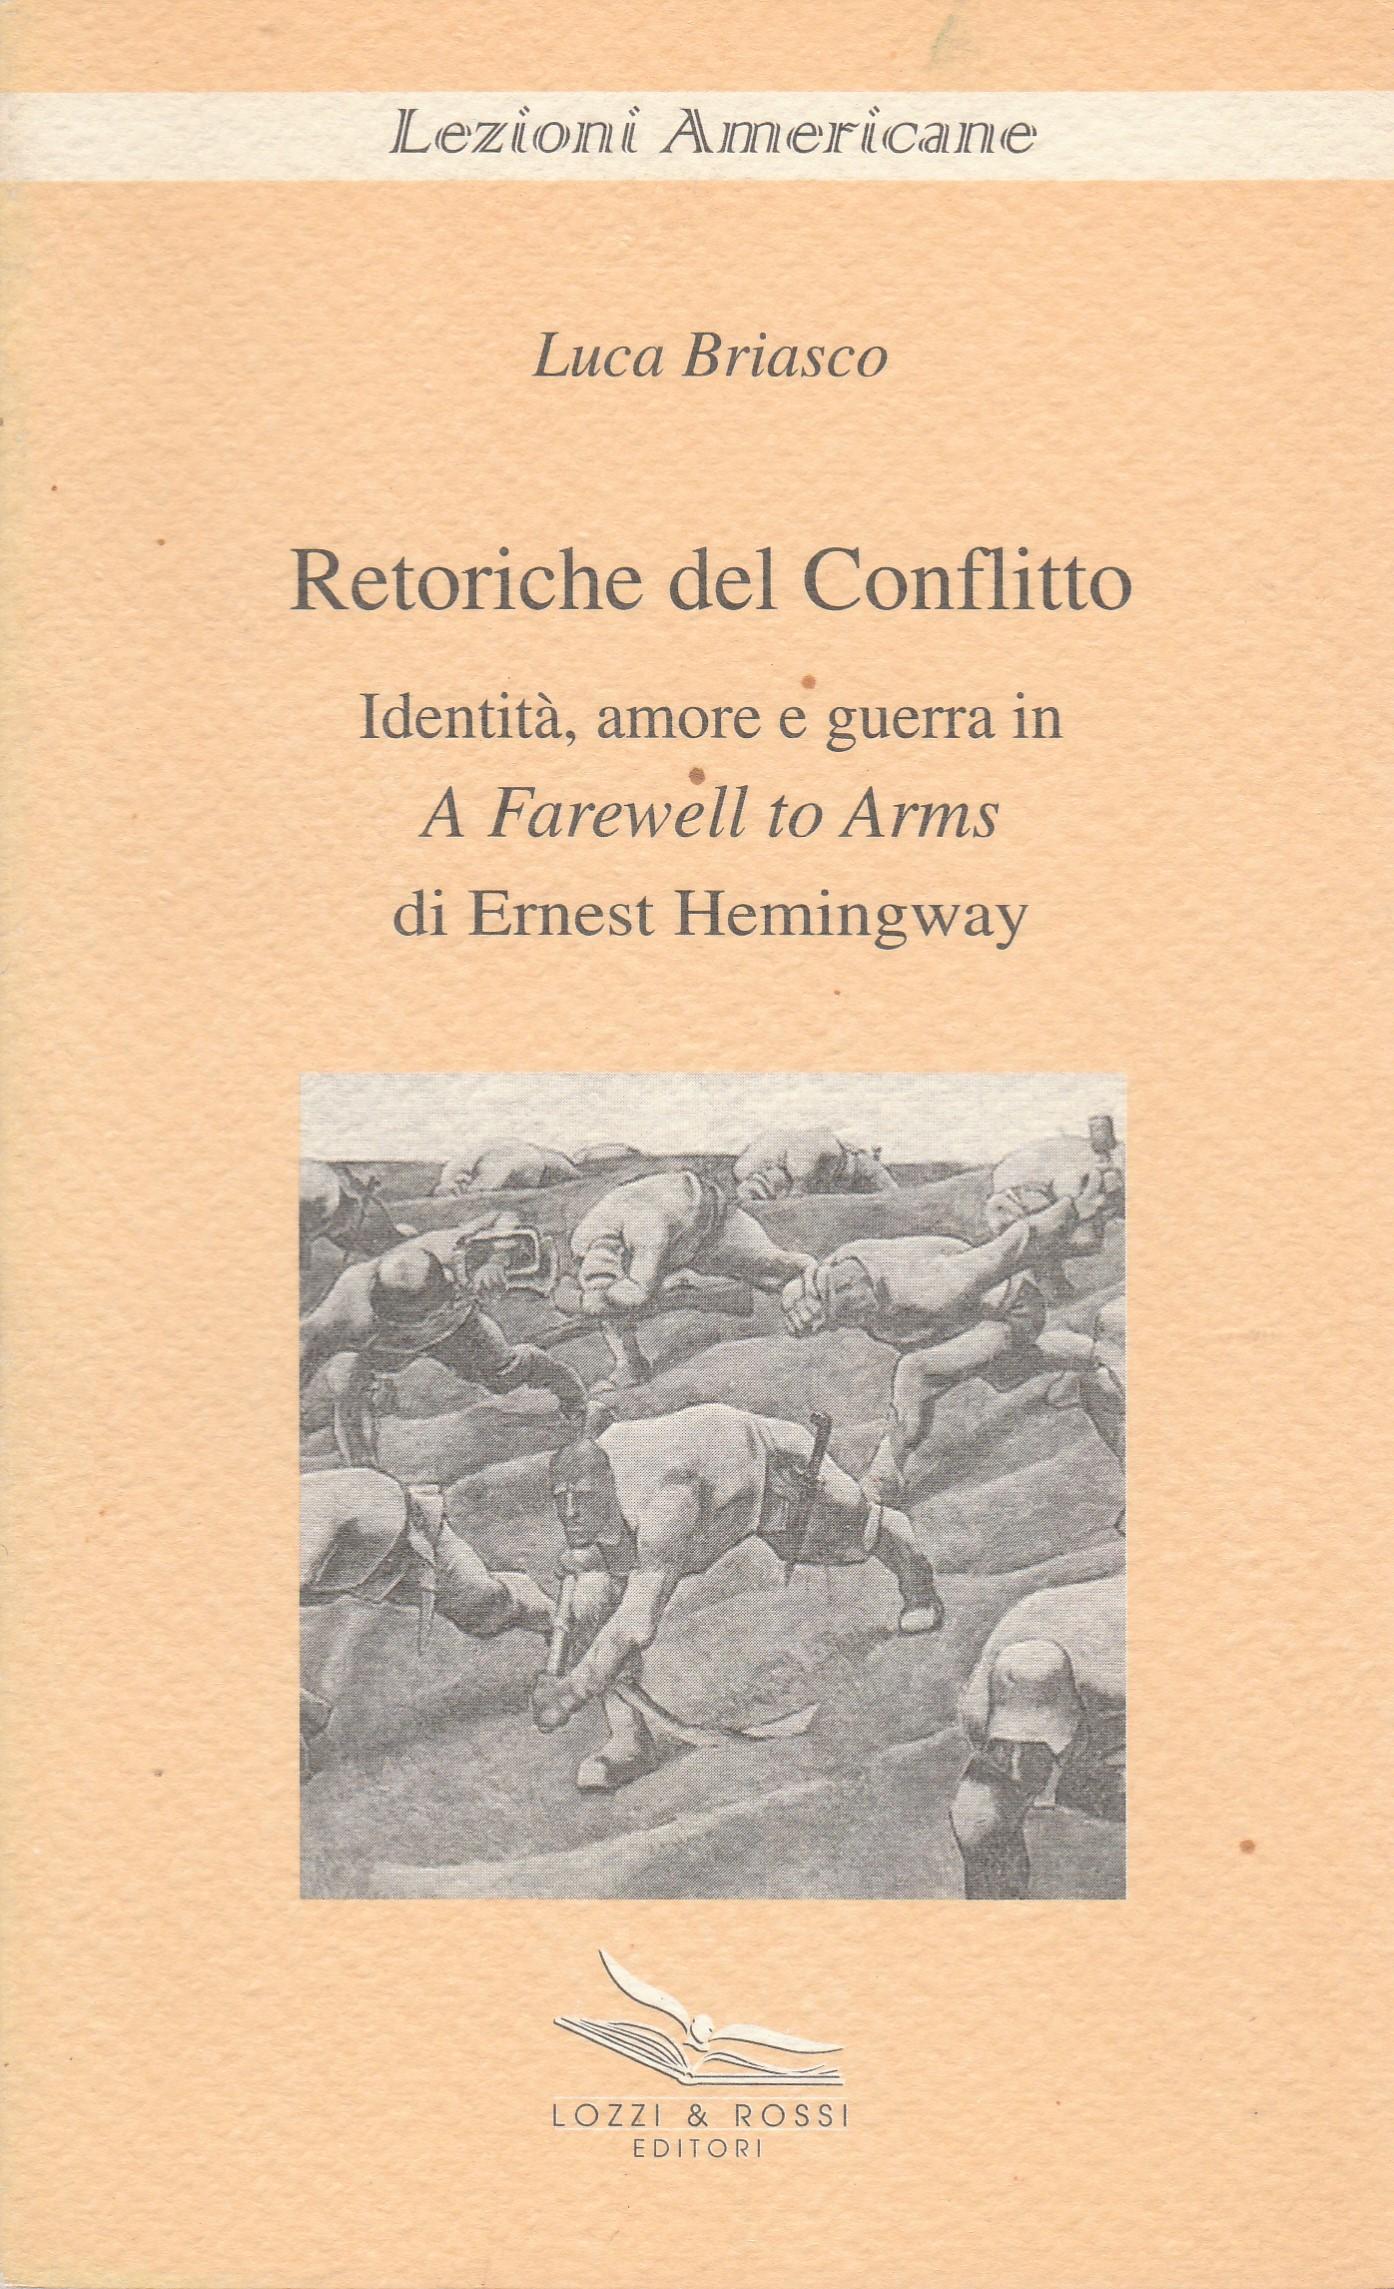 Retoriche del conflitto